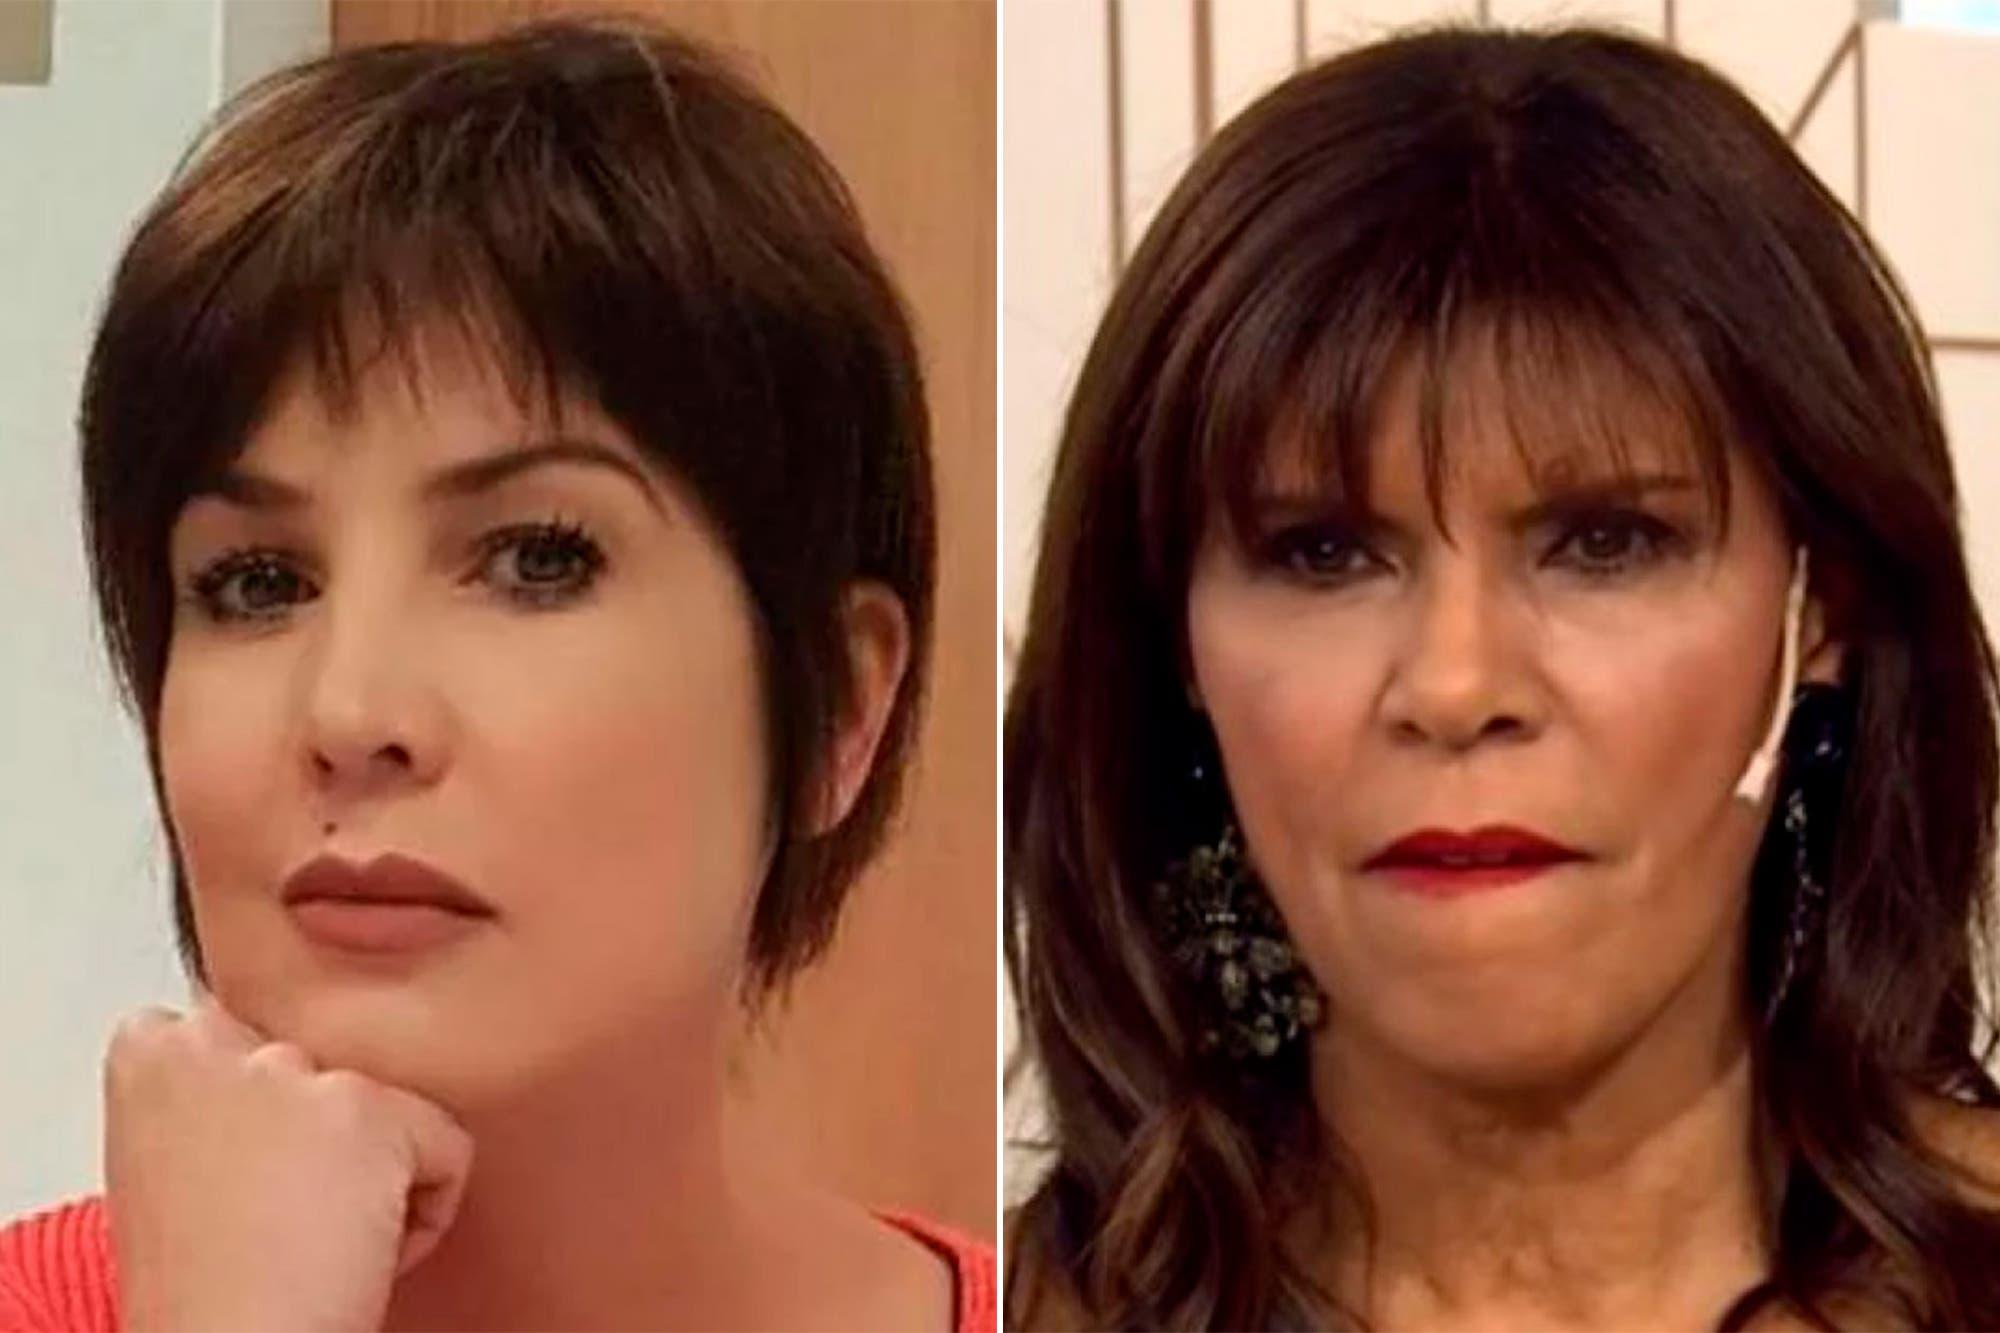 El fuerte cruce entre Anamá Ferreira y Úrsula Vargués, en Twitter